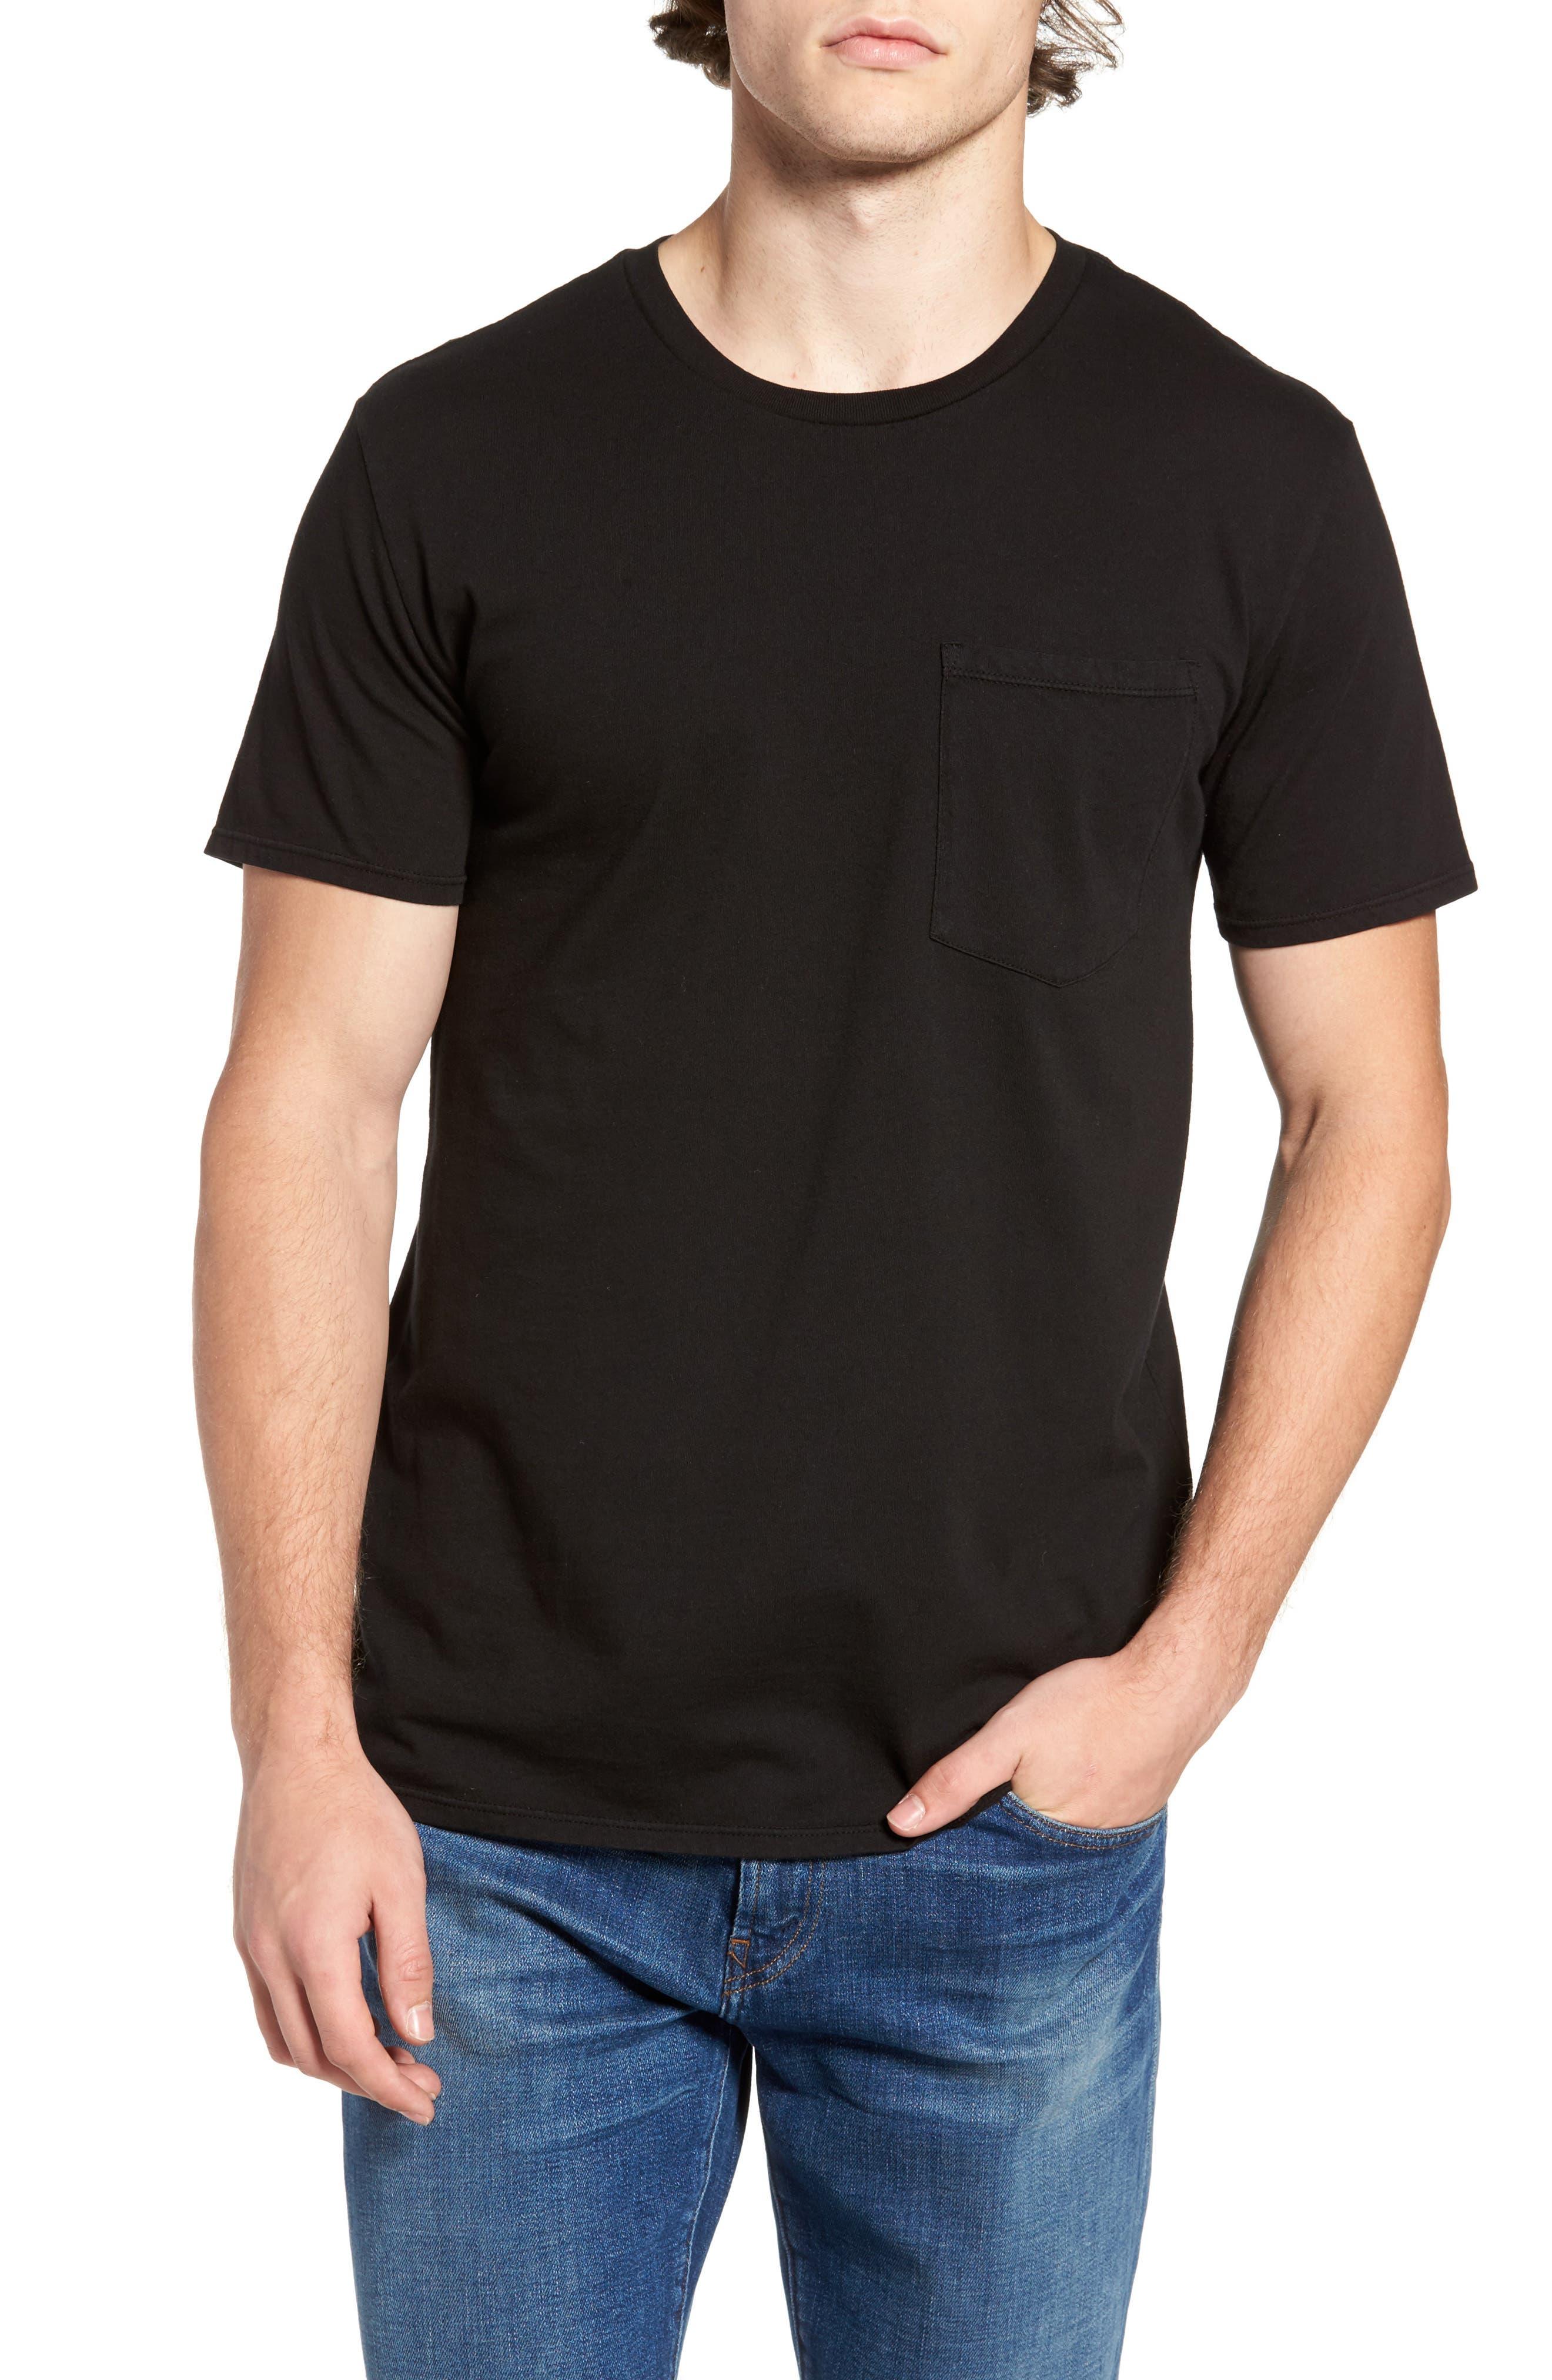 ORIGINAL PAPERBACKS Pocket T-Shirt, Main, color, 001